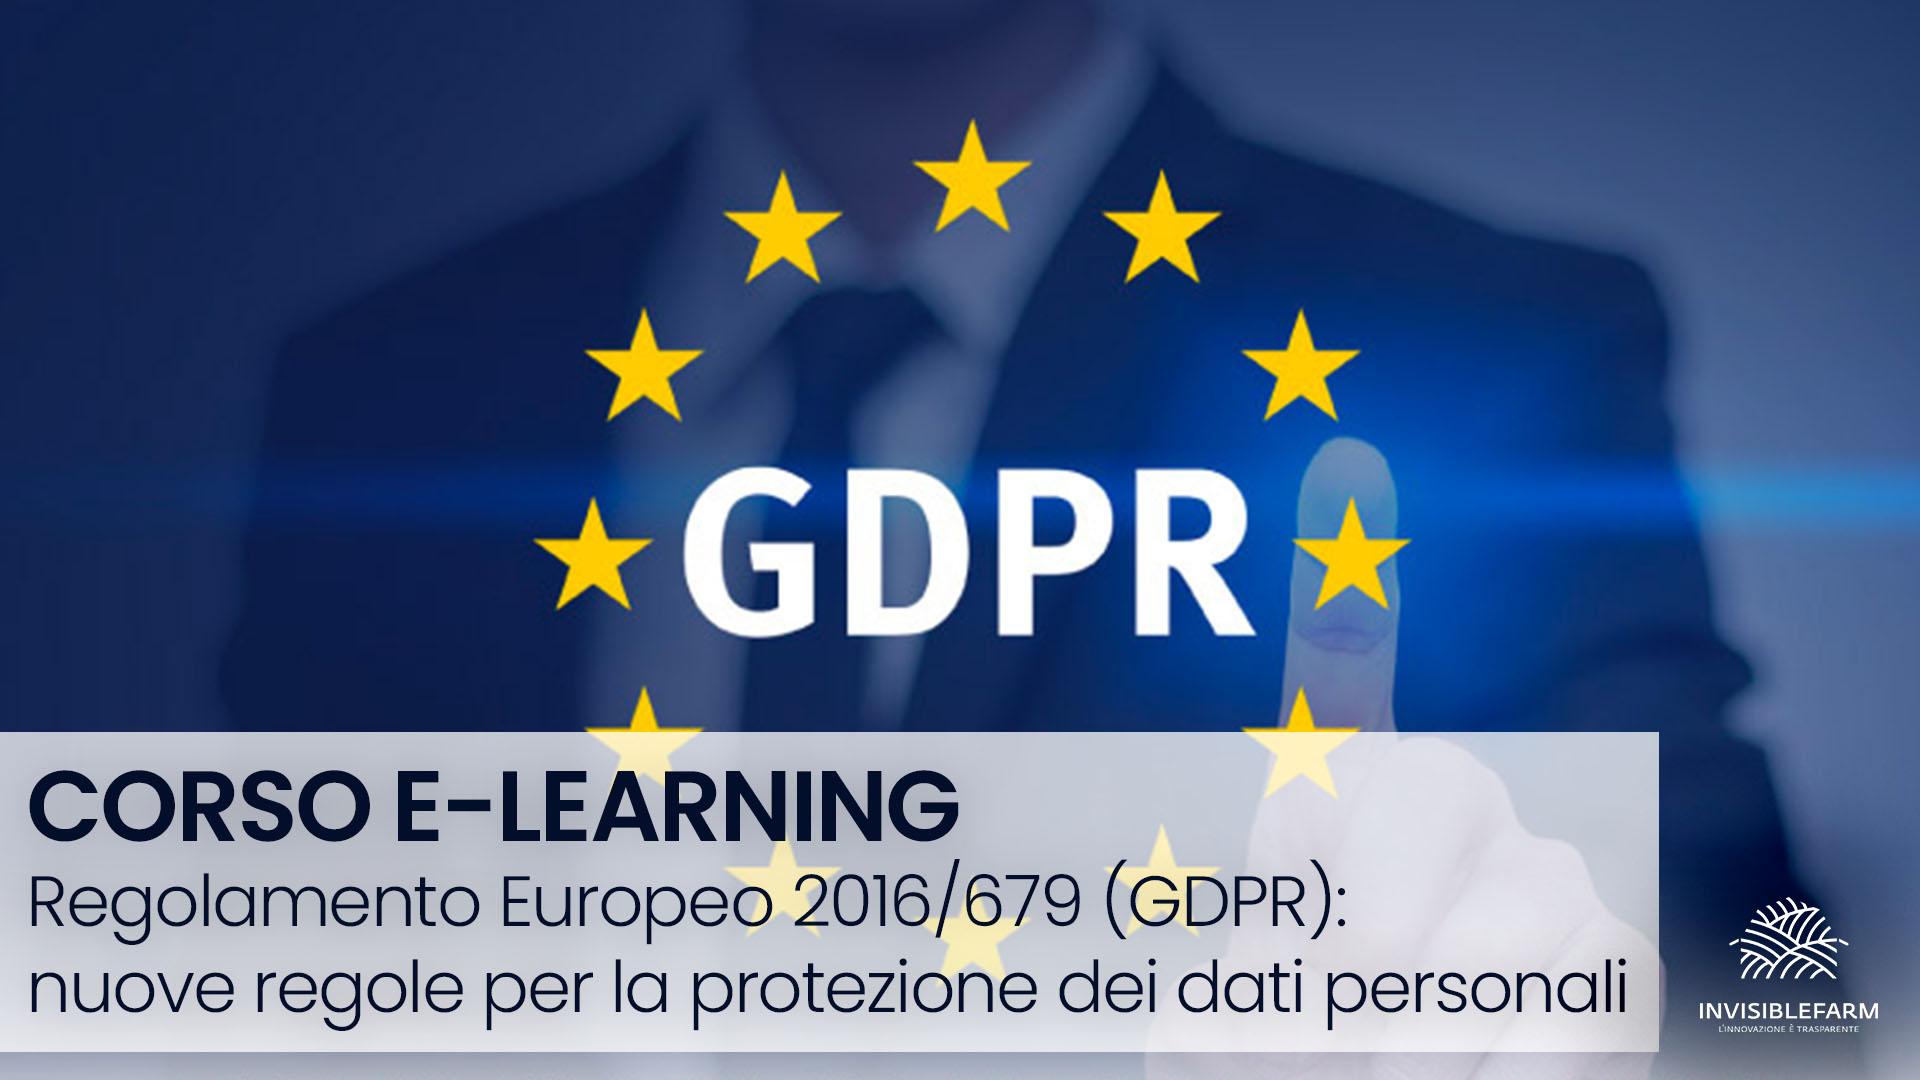 articolo sul corso e-learning per il GDPR